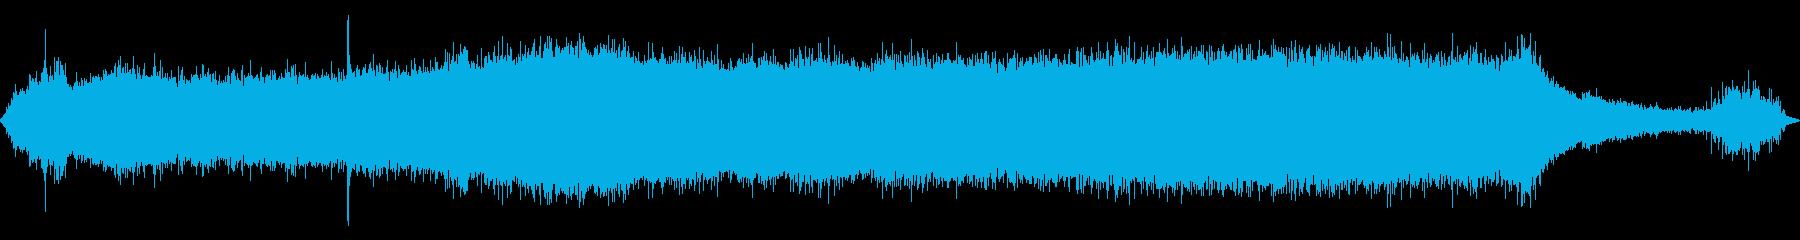 ツインエンジンファイアボート:オン...の再生済みの波形